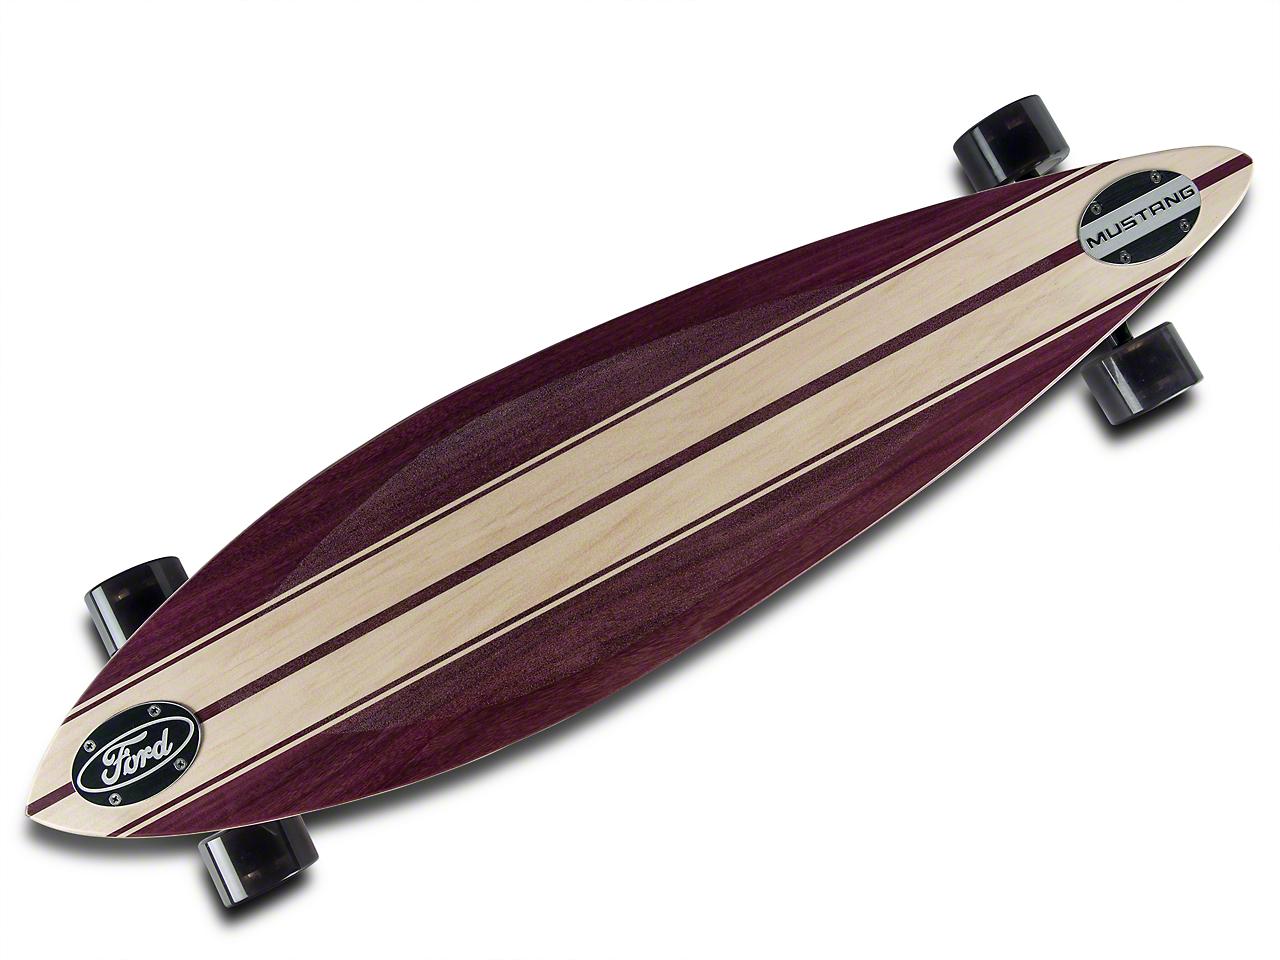 Braker Boards Mustang Pintail Style Longboard